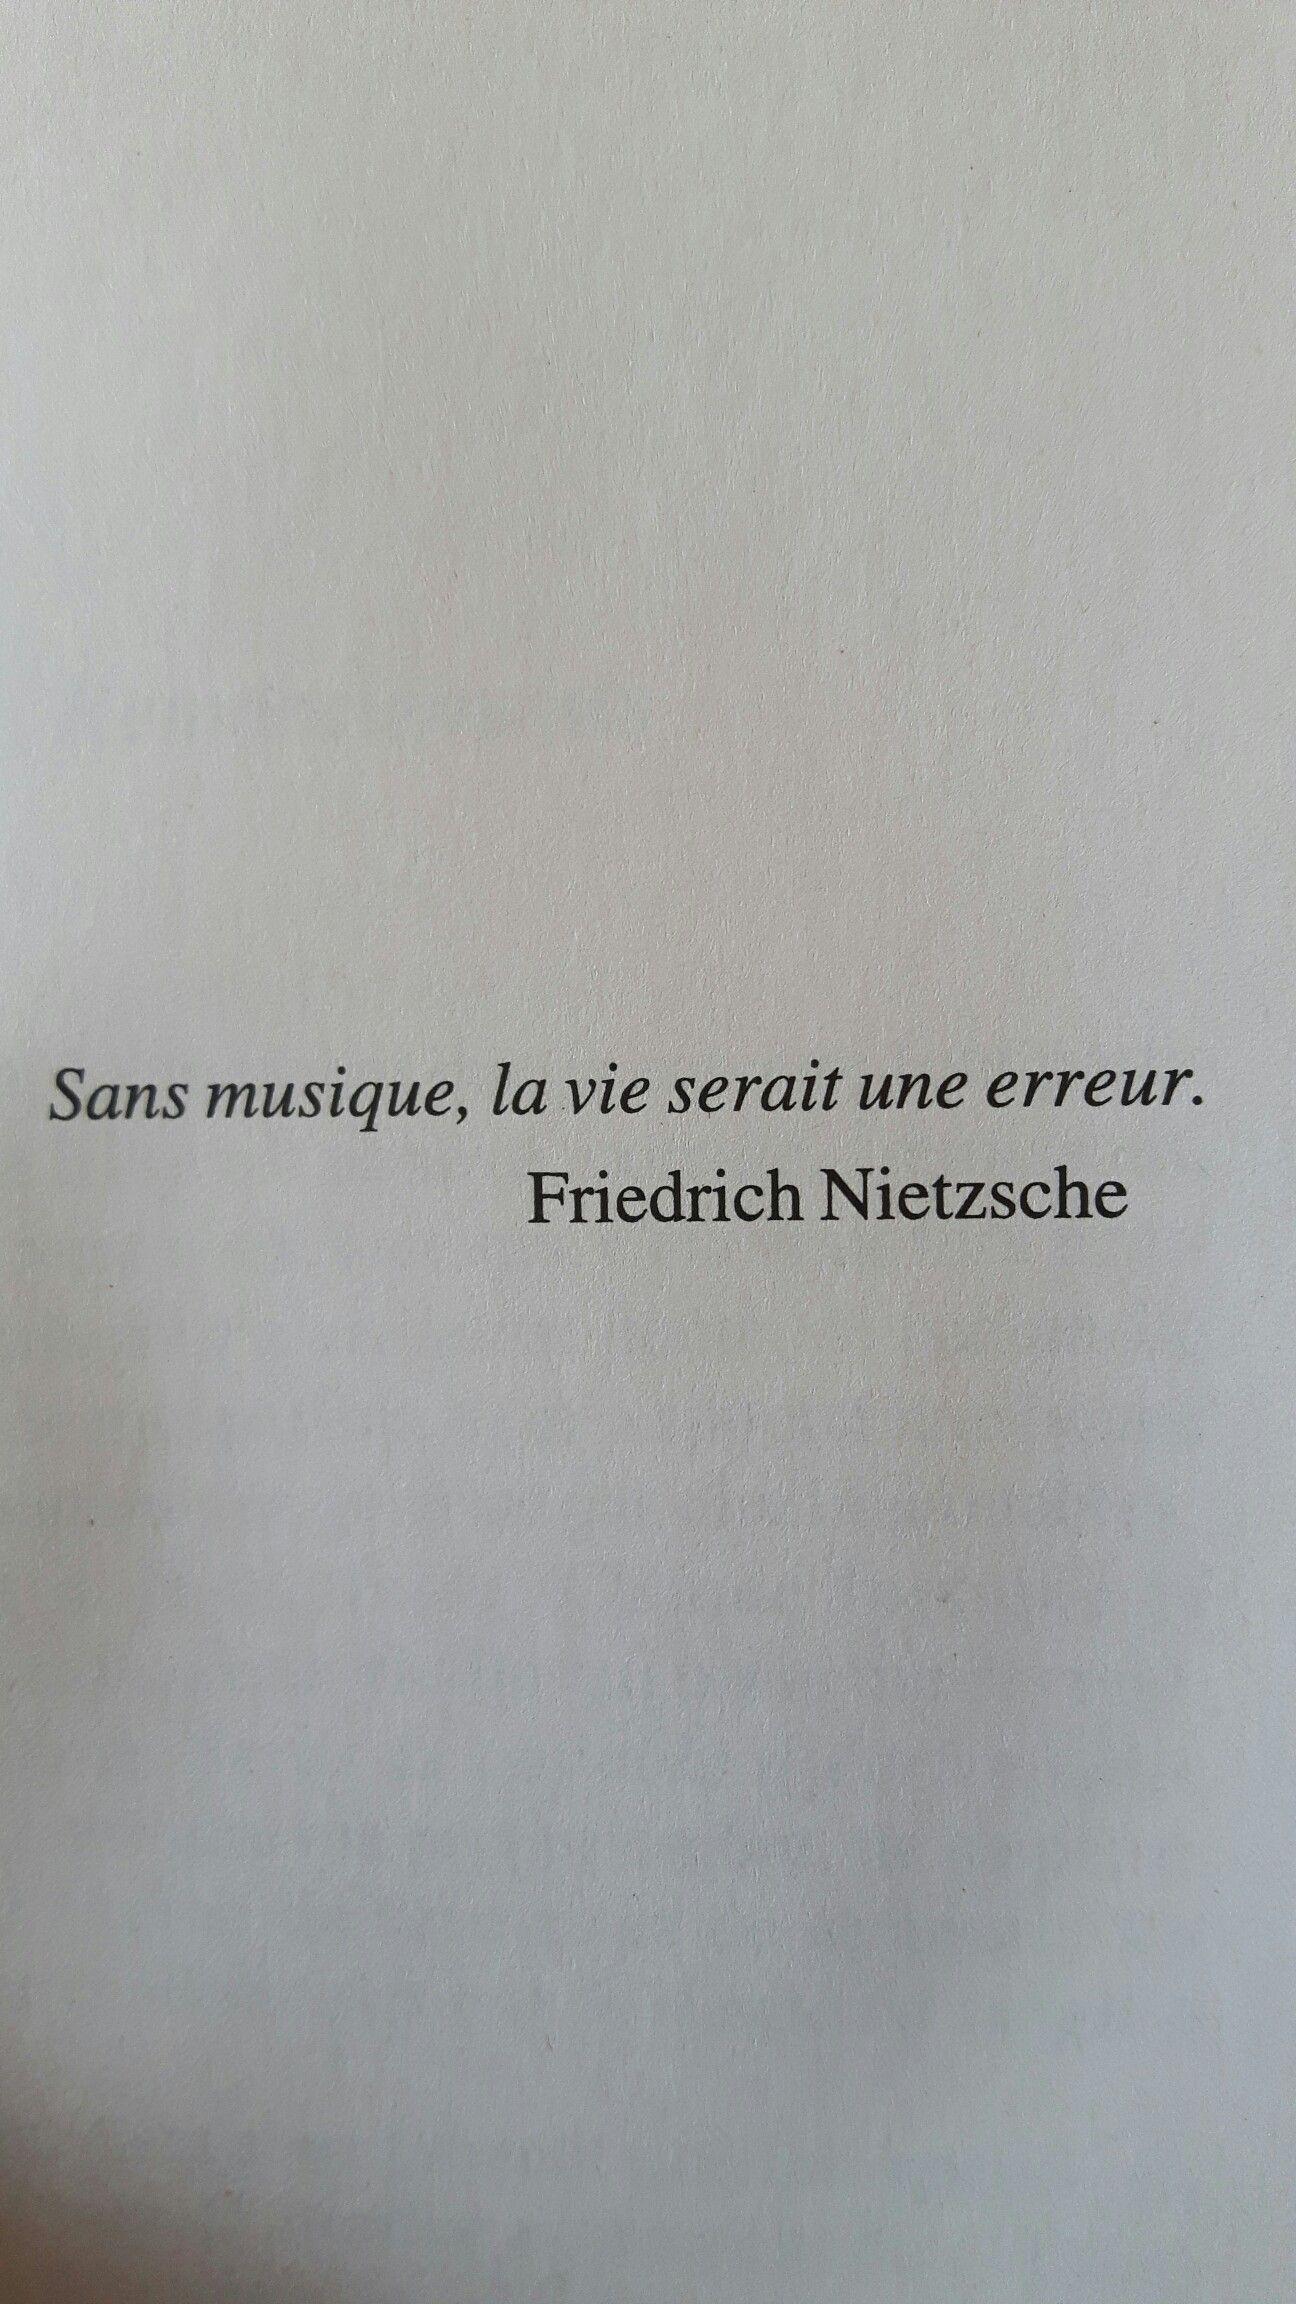 Citation Nietzsche Musique : Friedrich nietzsche a dit sans la musique la vie serait une erreur